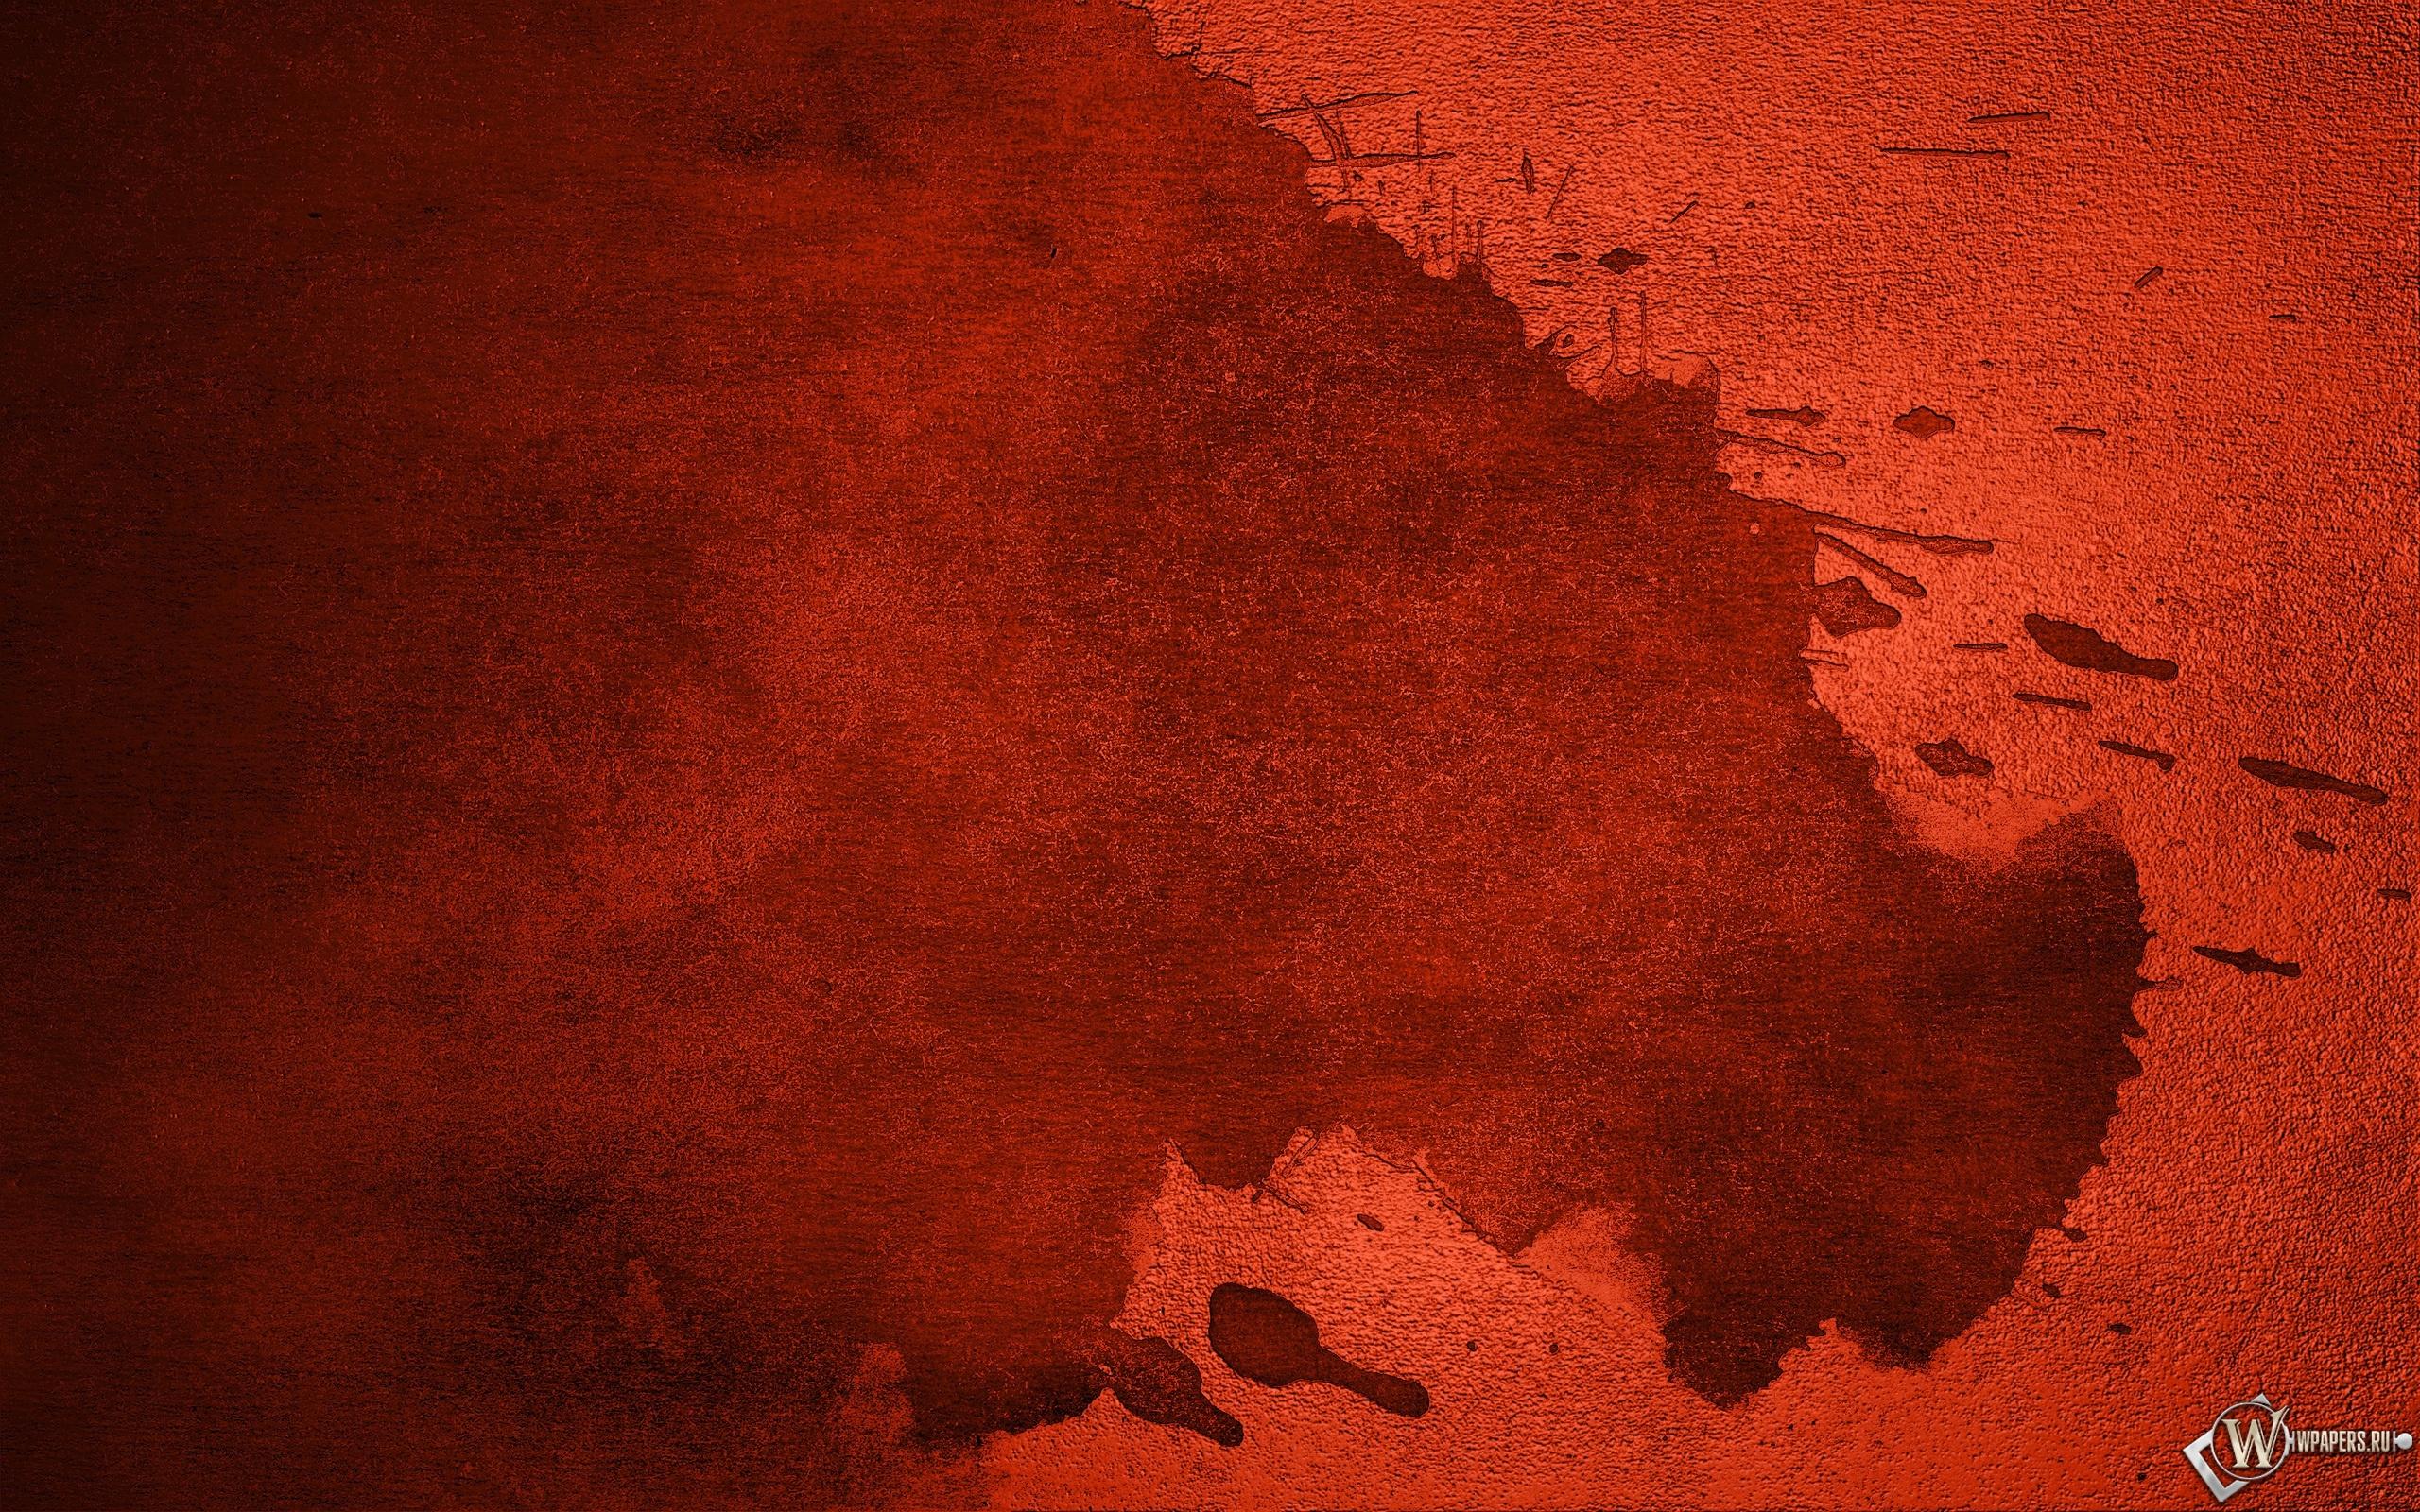 Устрашающее кровавое пятно 2560x1600